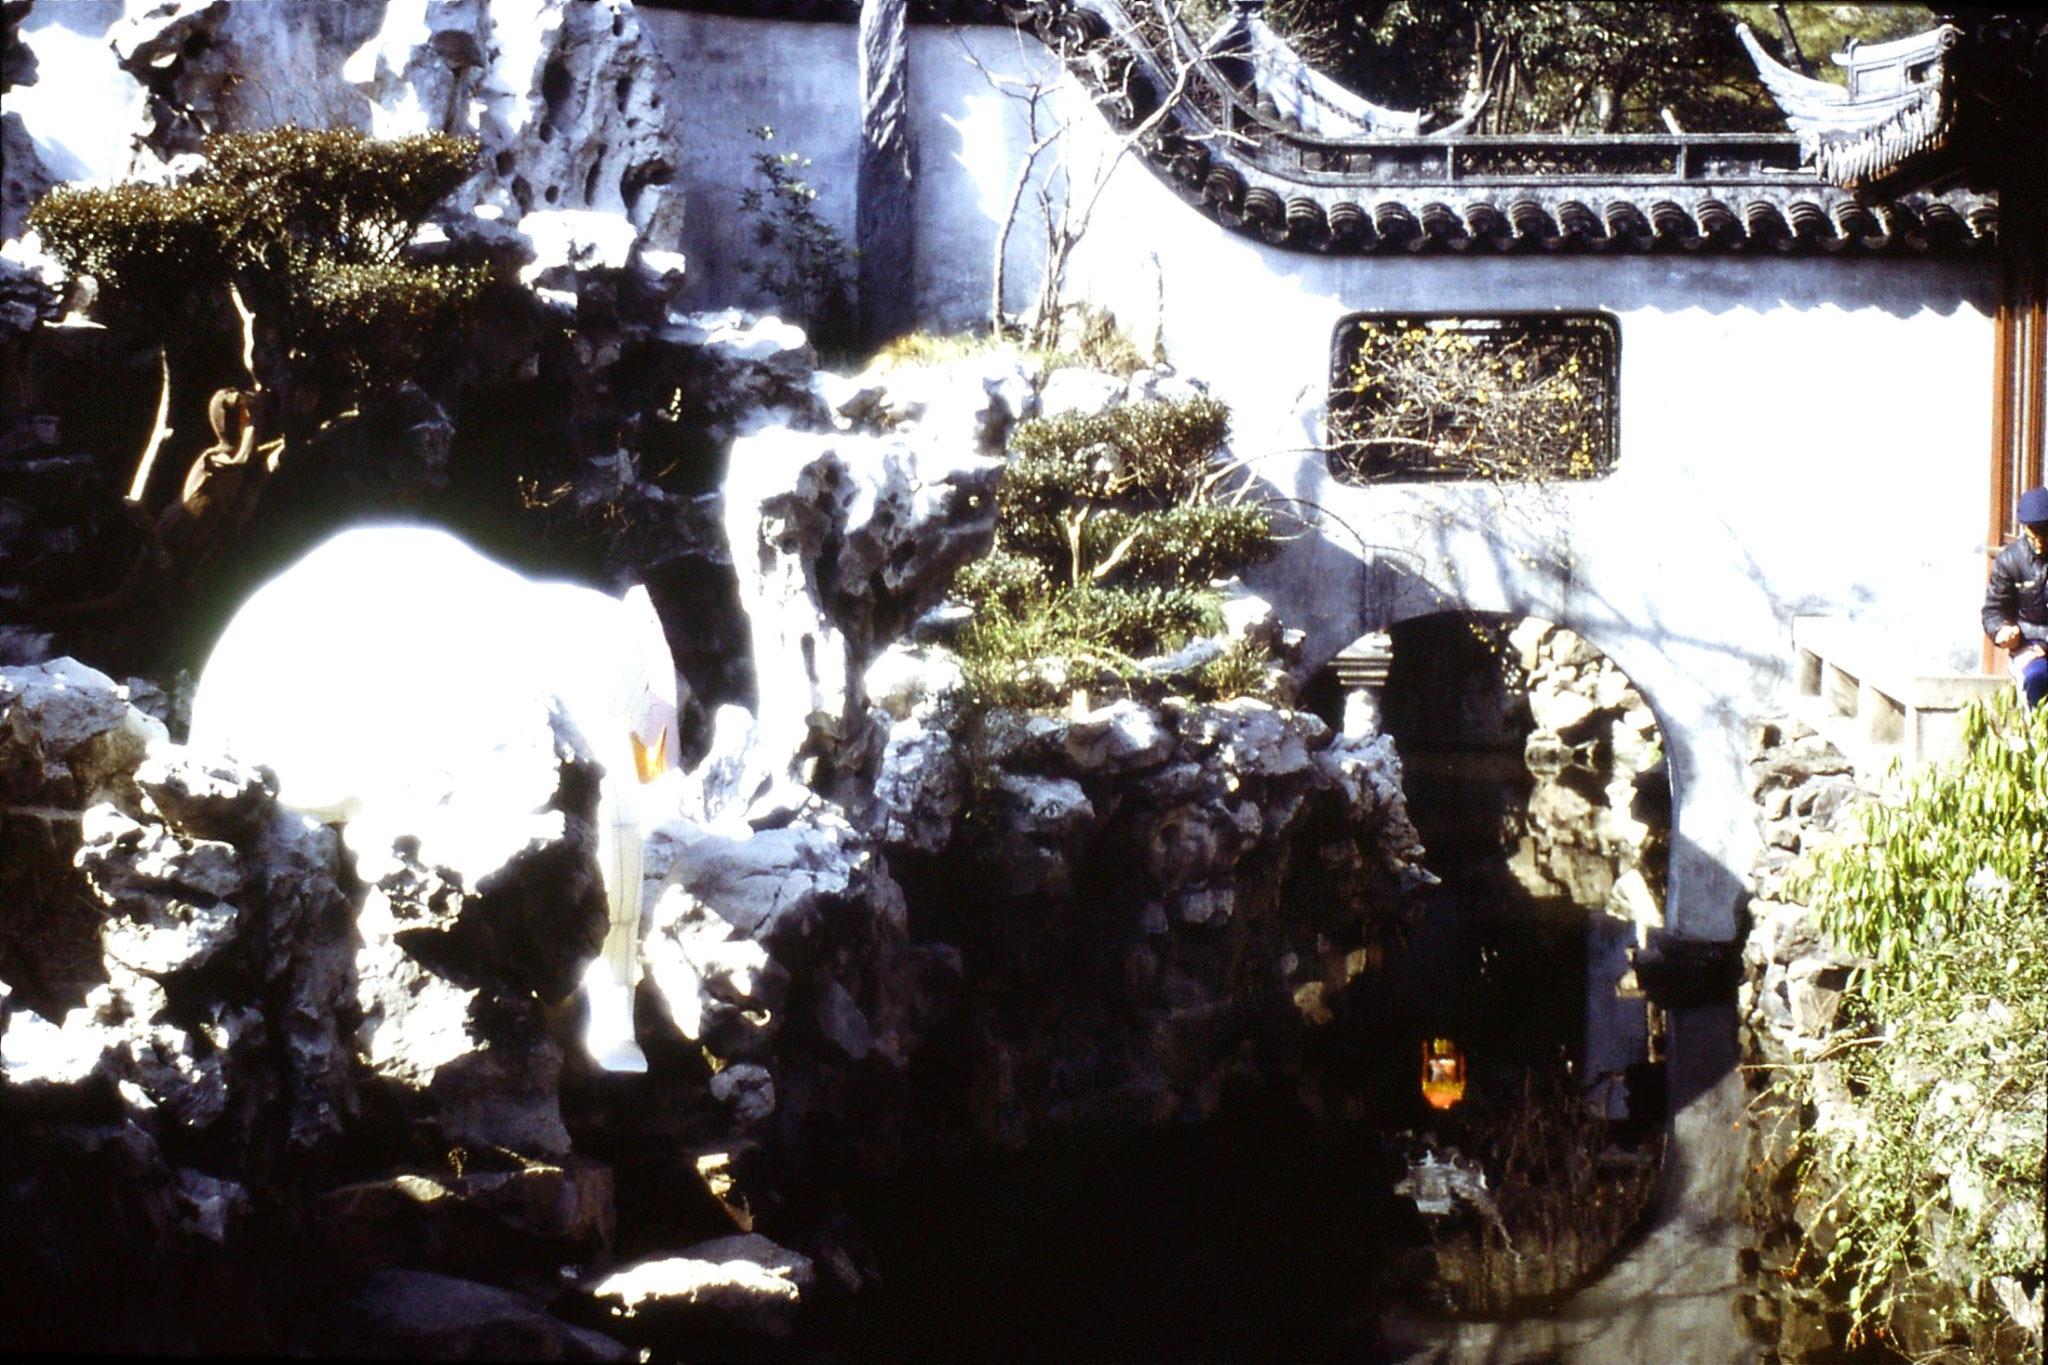 10/2/1989: 27: Yuyuan Gardens